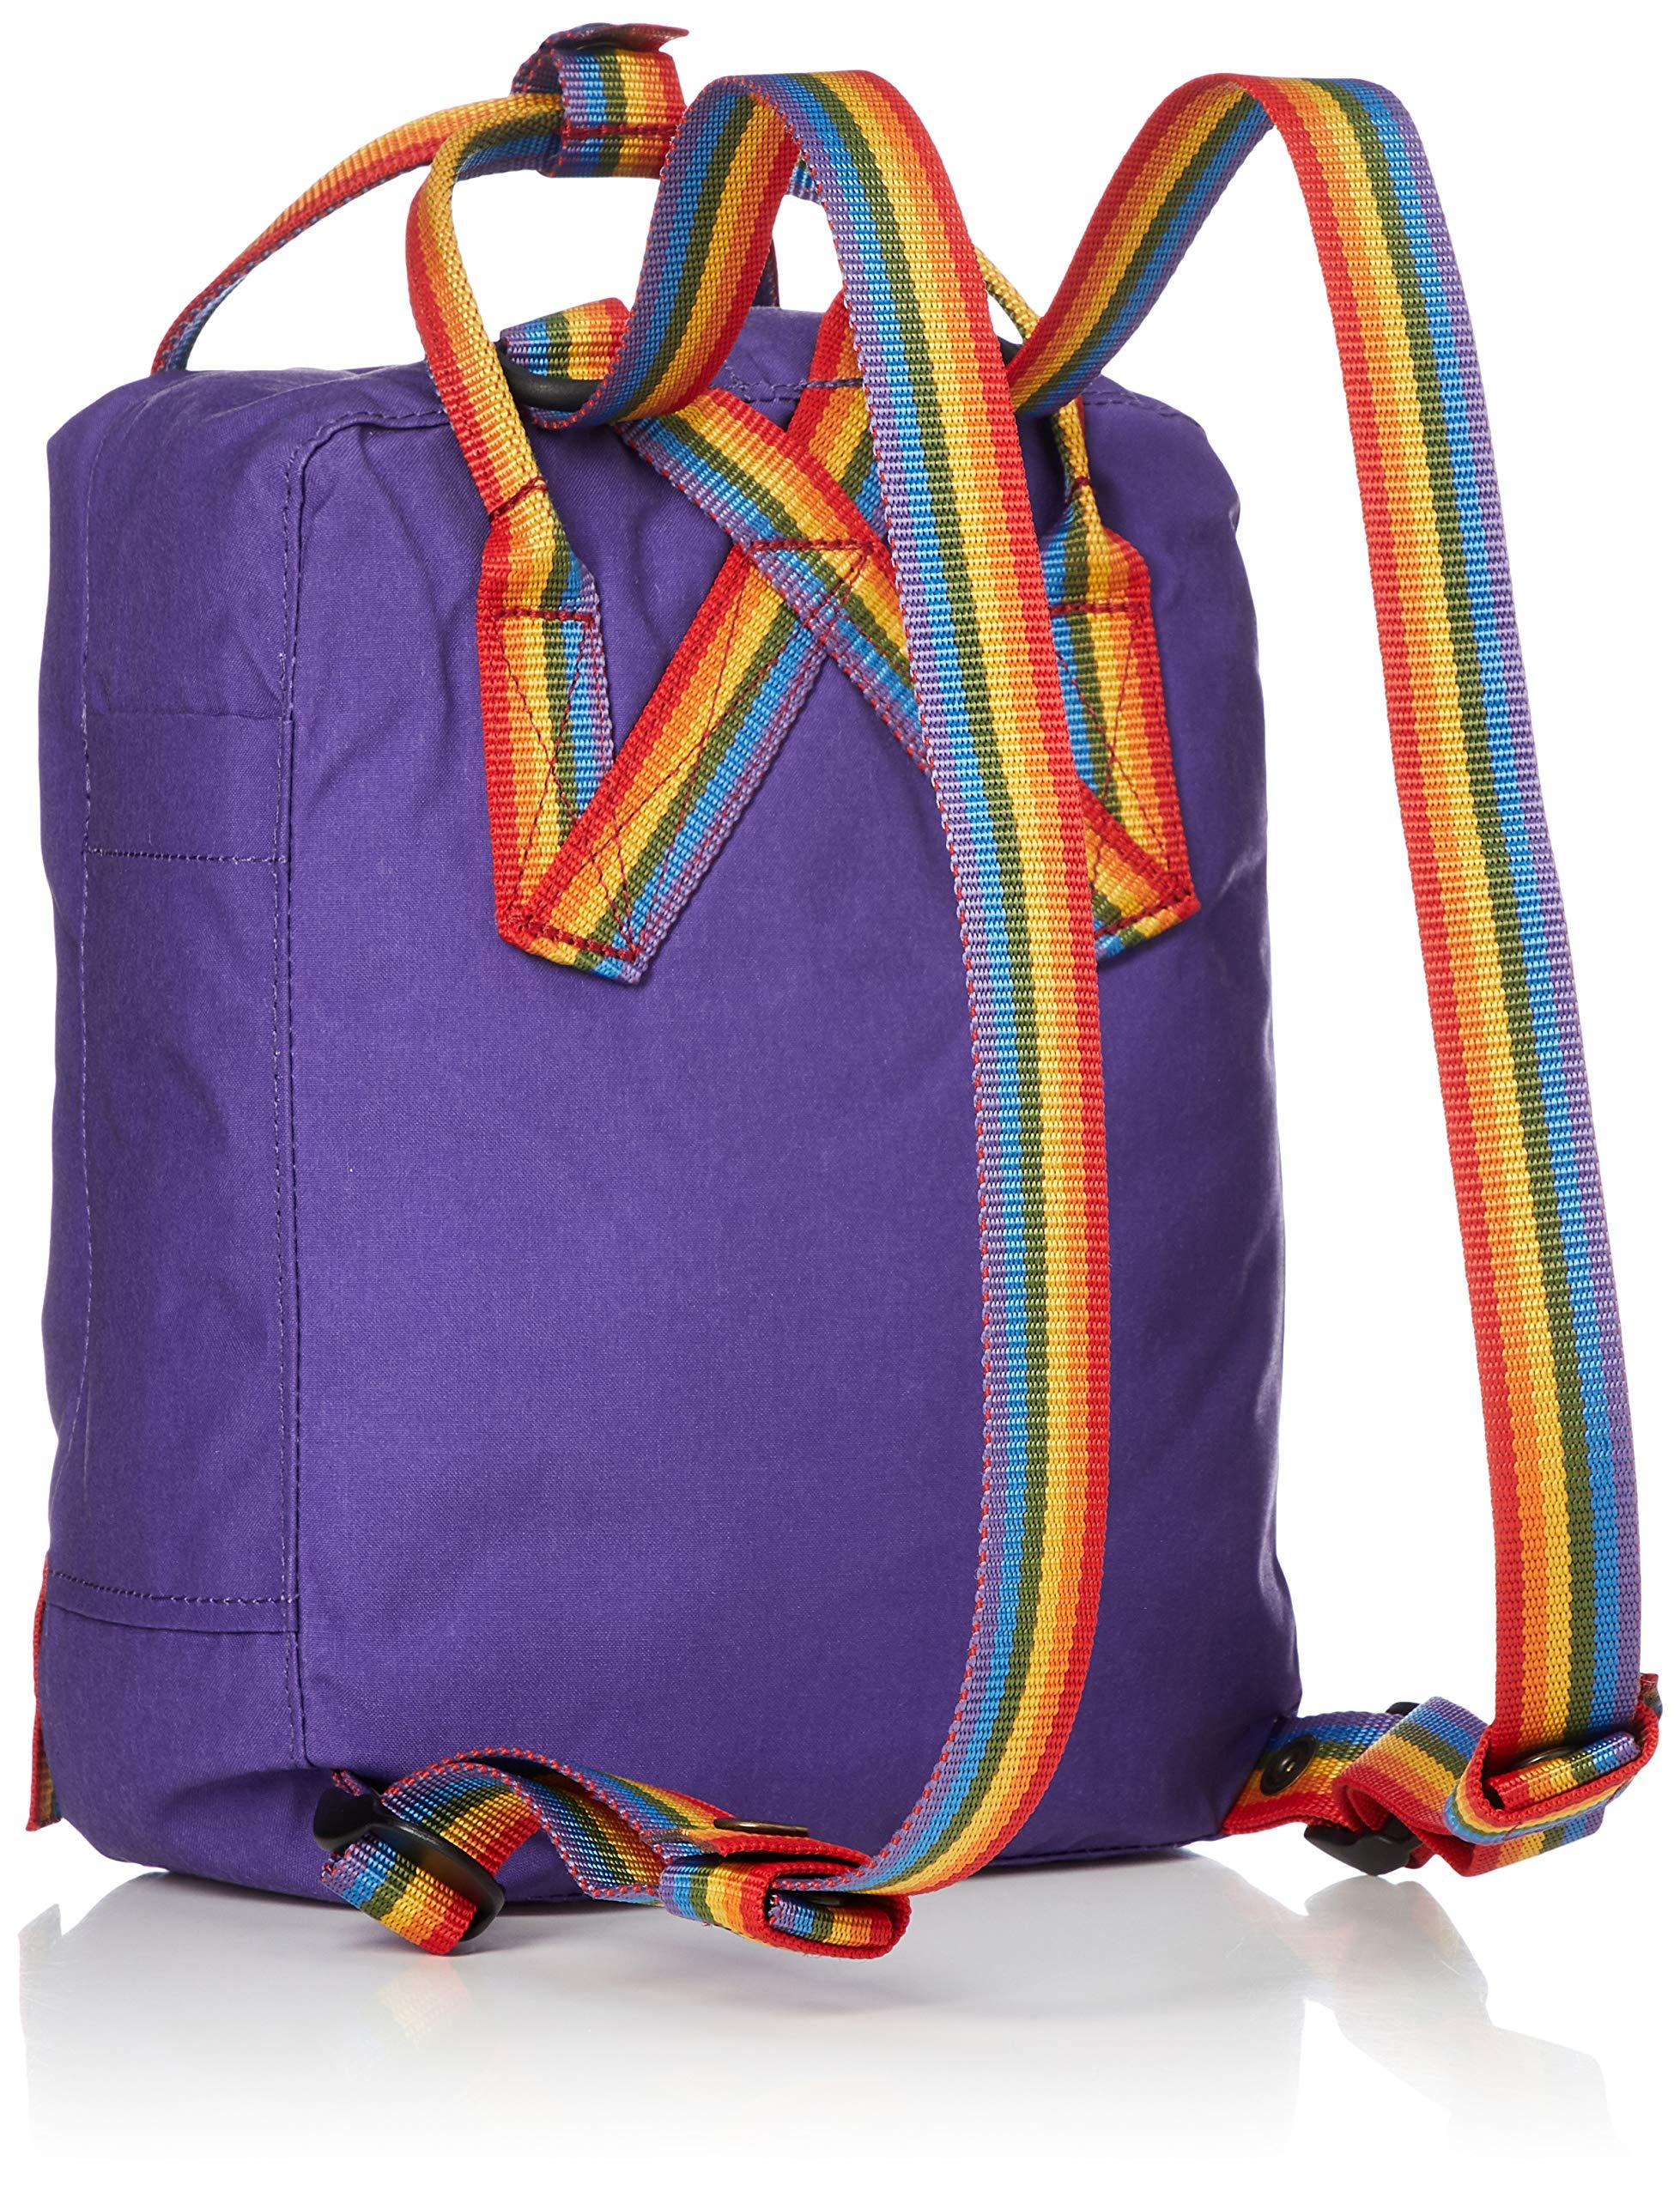 91Xvkx2U1dL - FJALLRAVEN Kånken Mini Mochila, Unisex Adulto, (Purple/Rainbow Pattern), Talla Única